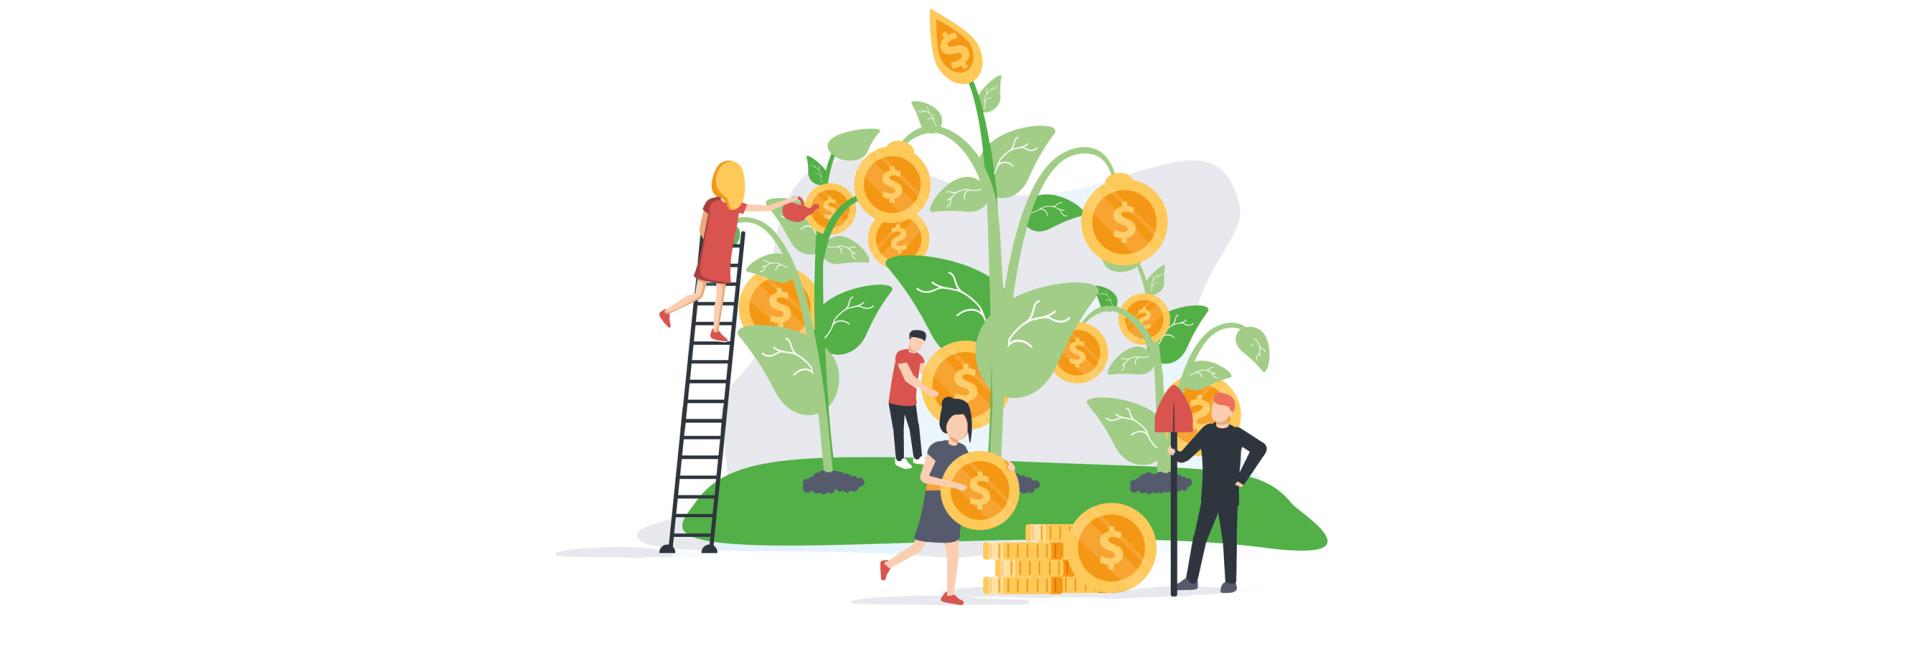 Gesetzlicher Mindestlohn 2019